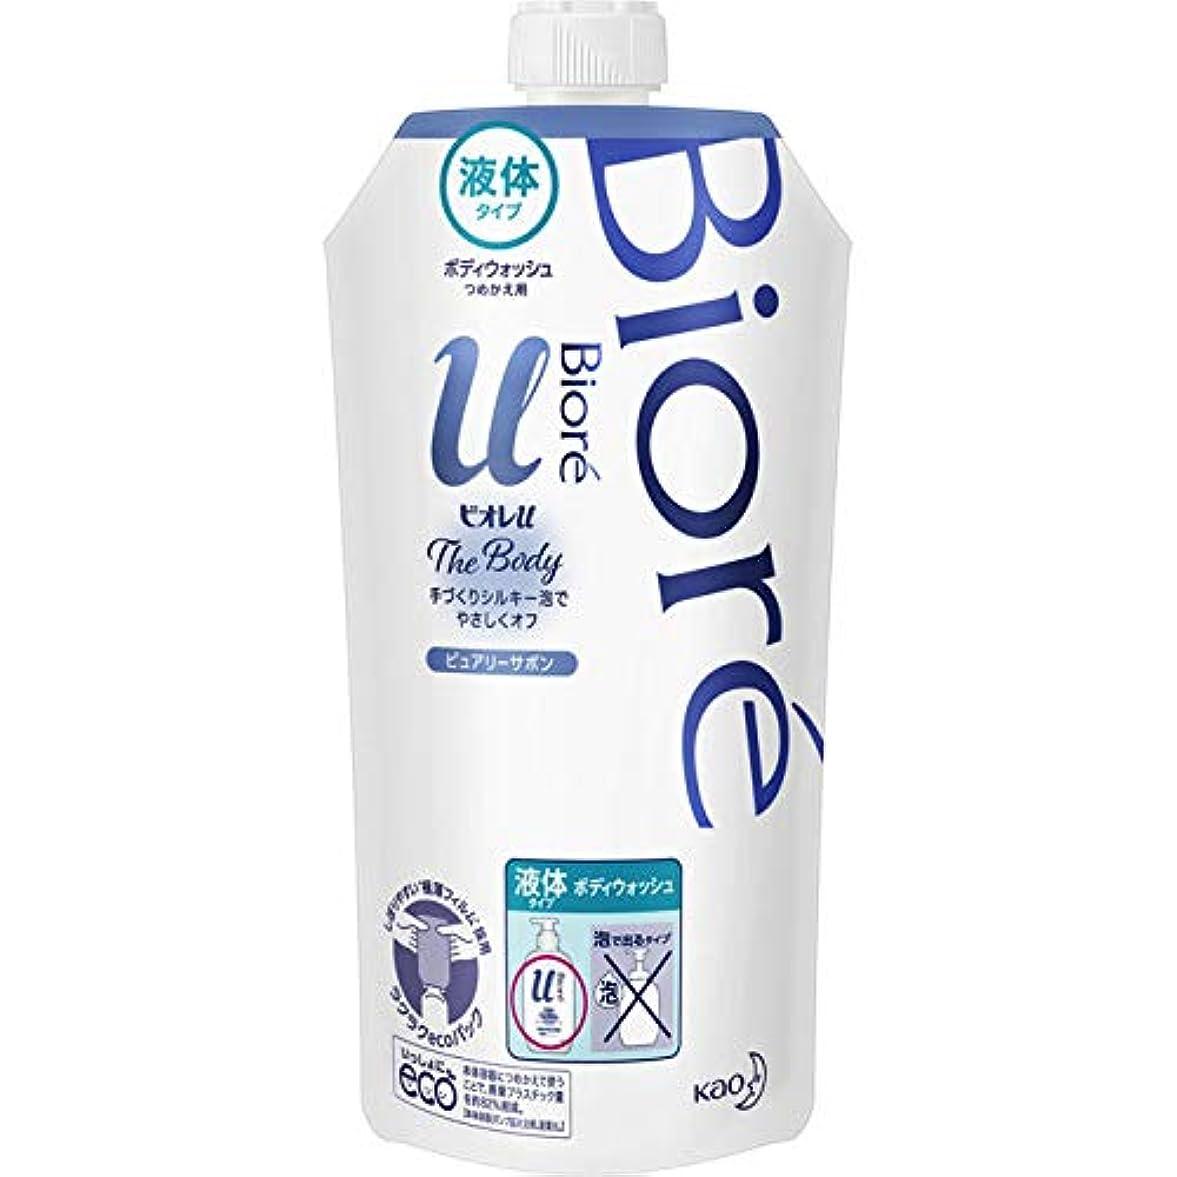 アルファベット順台風ほんの花王 ビオレu ザ ボディ液体ピュアリーサボンの香り 詰替え用 340ml